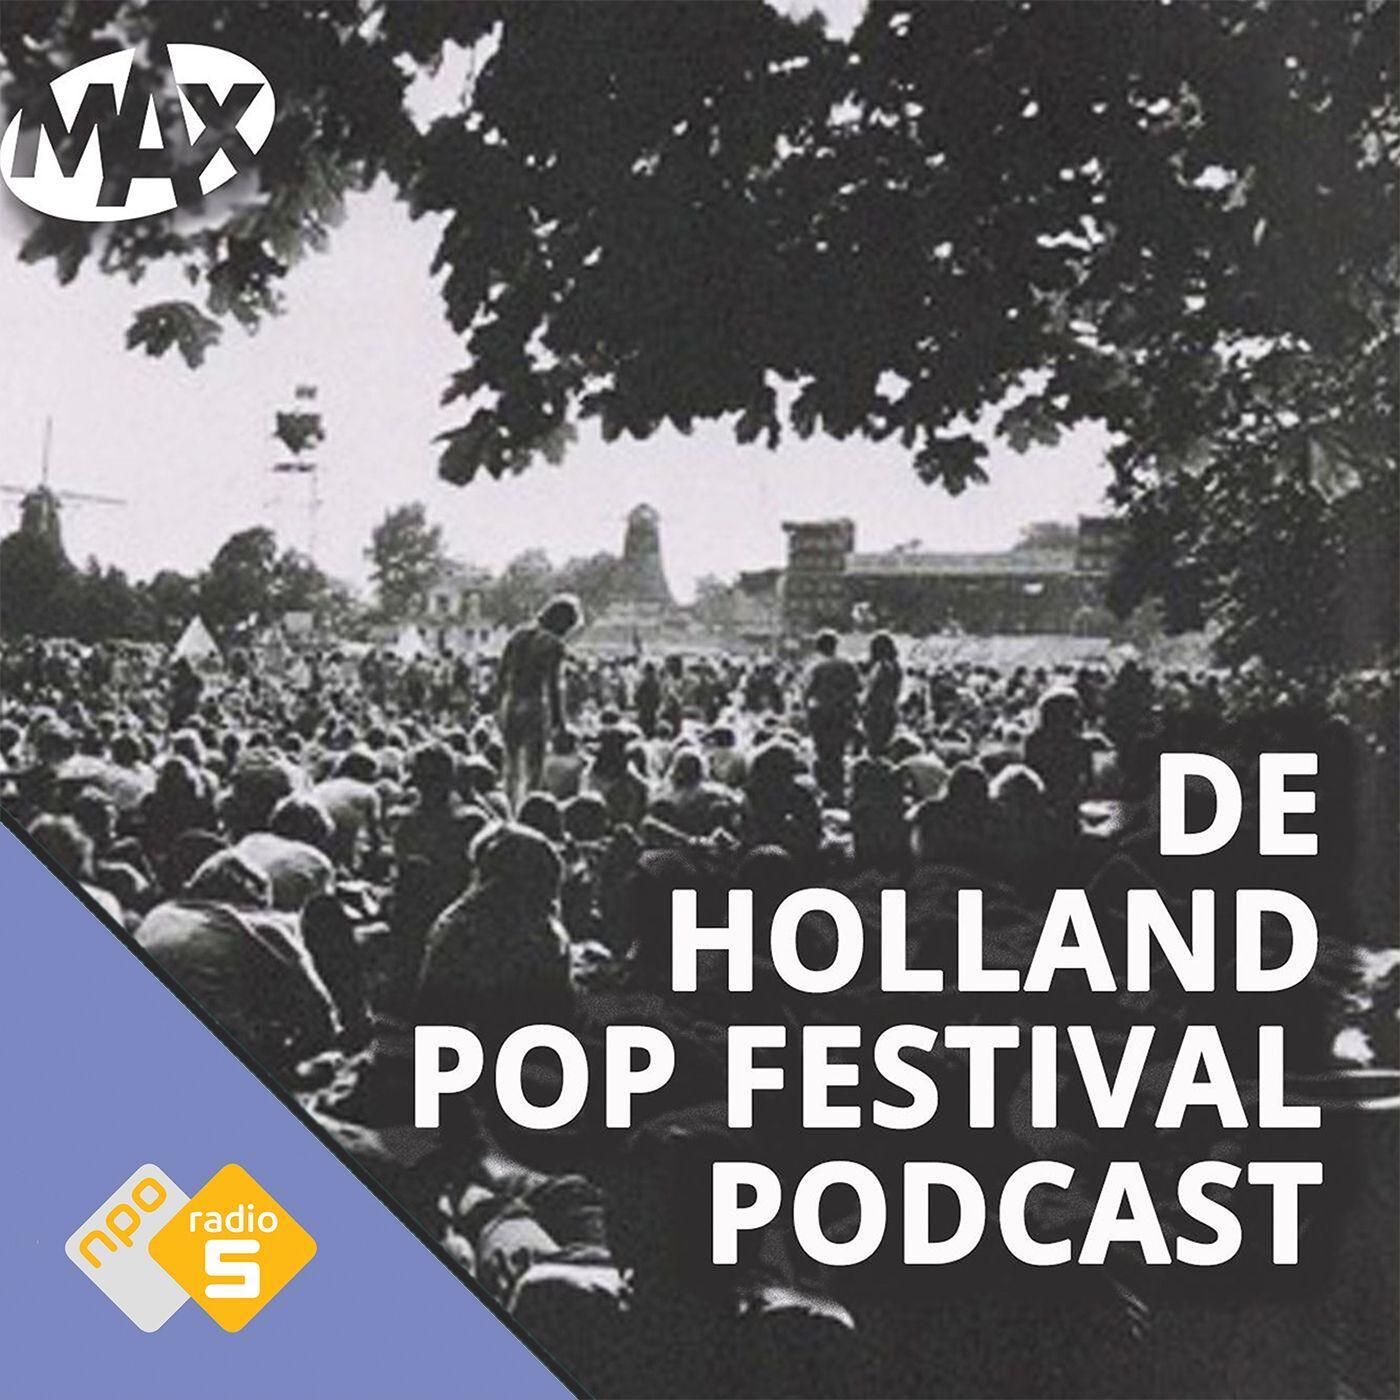 De Holland Pop Festival Podcast logo